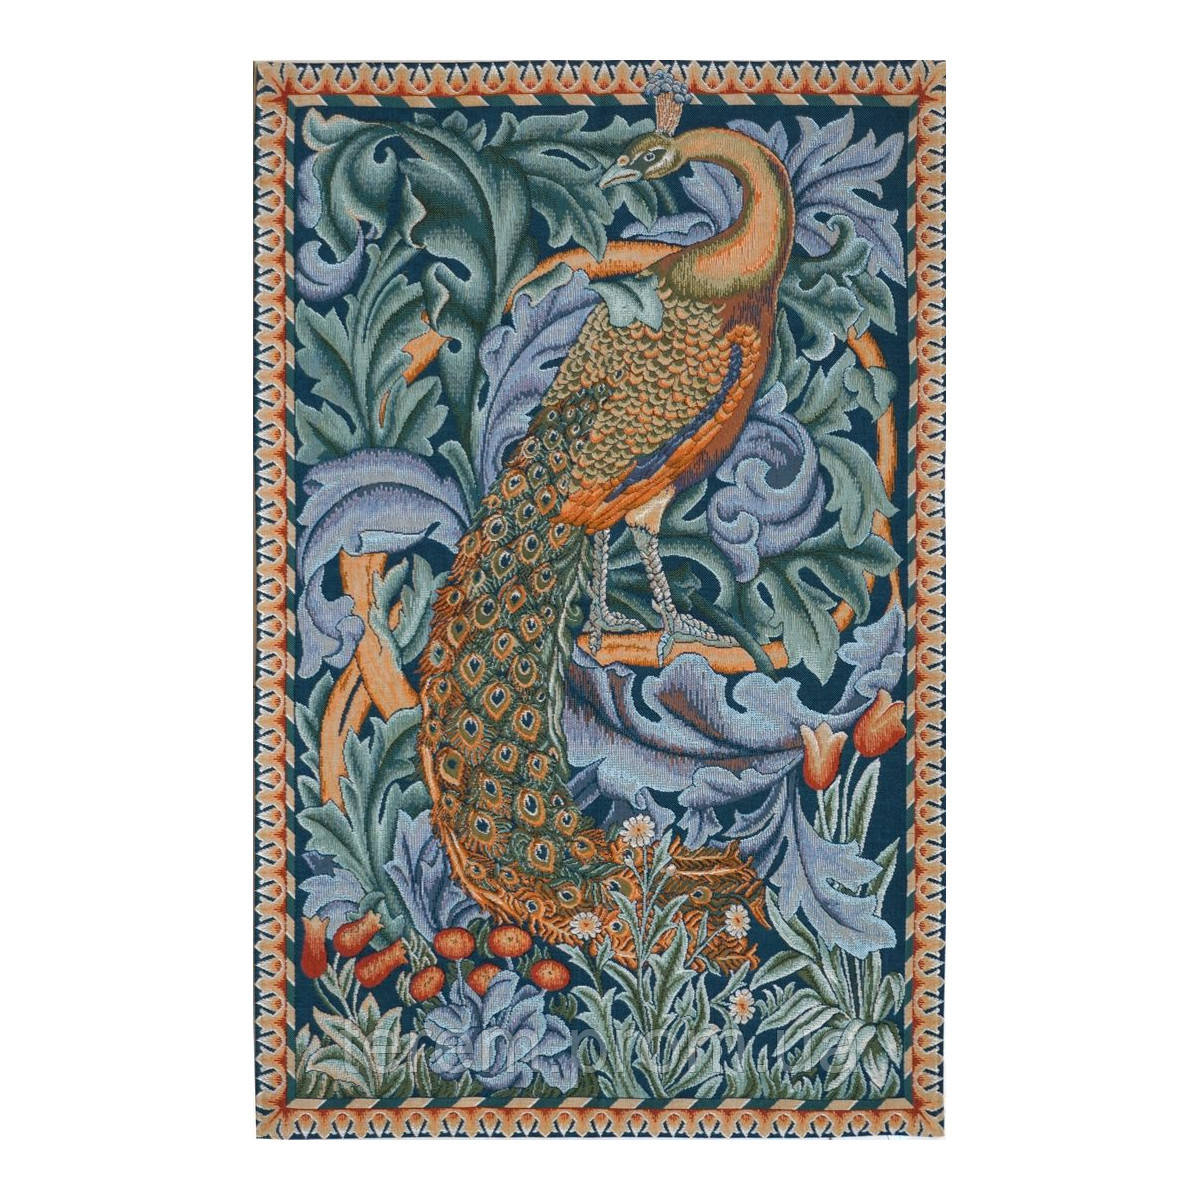 Гобеленовая картина Art de lys The Peacock, William Morris 67x50 7652 без подкладки